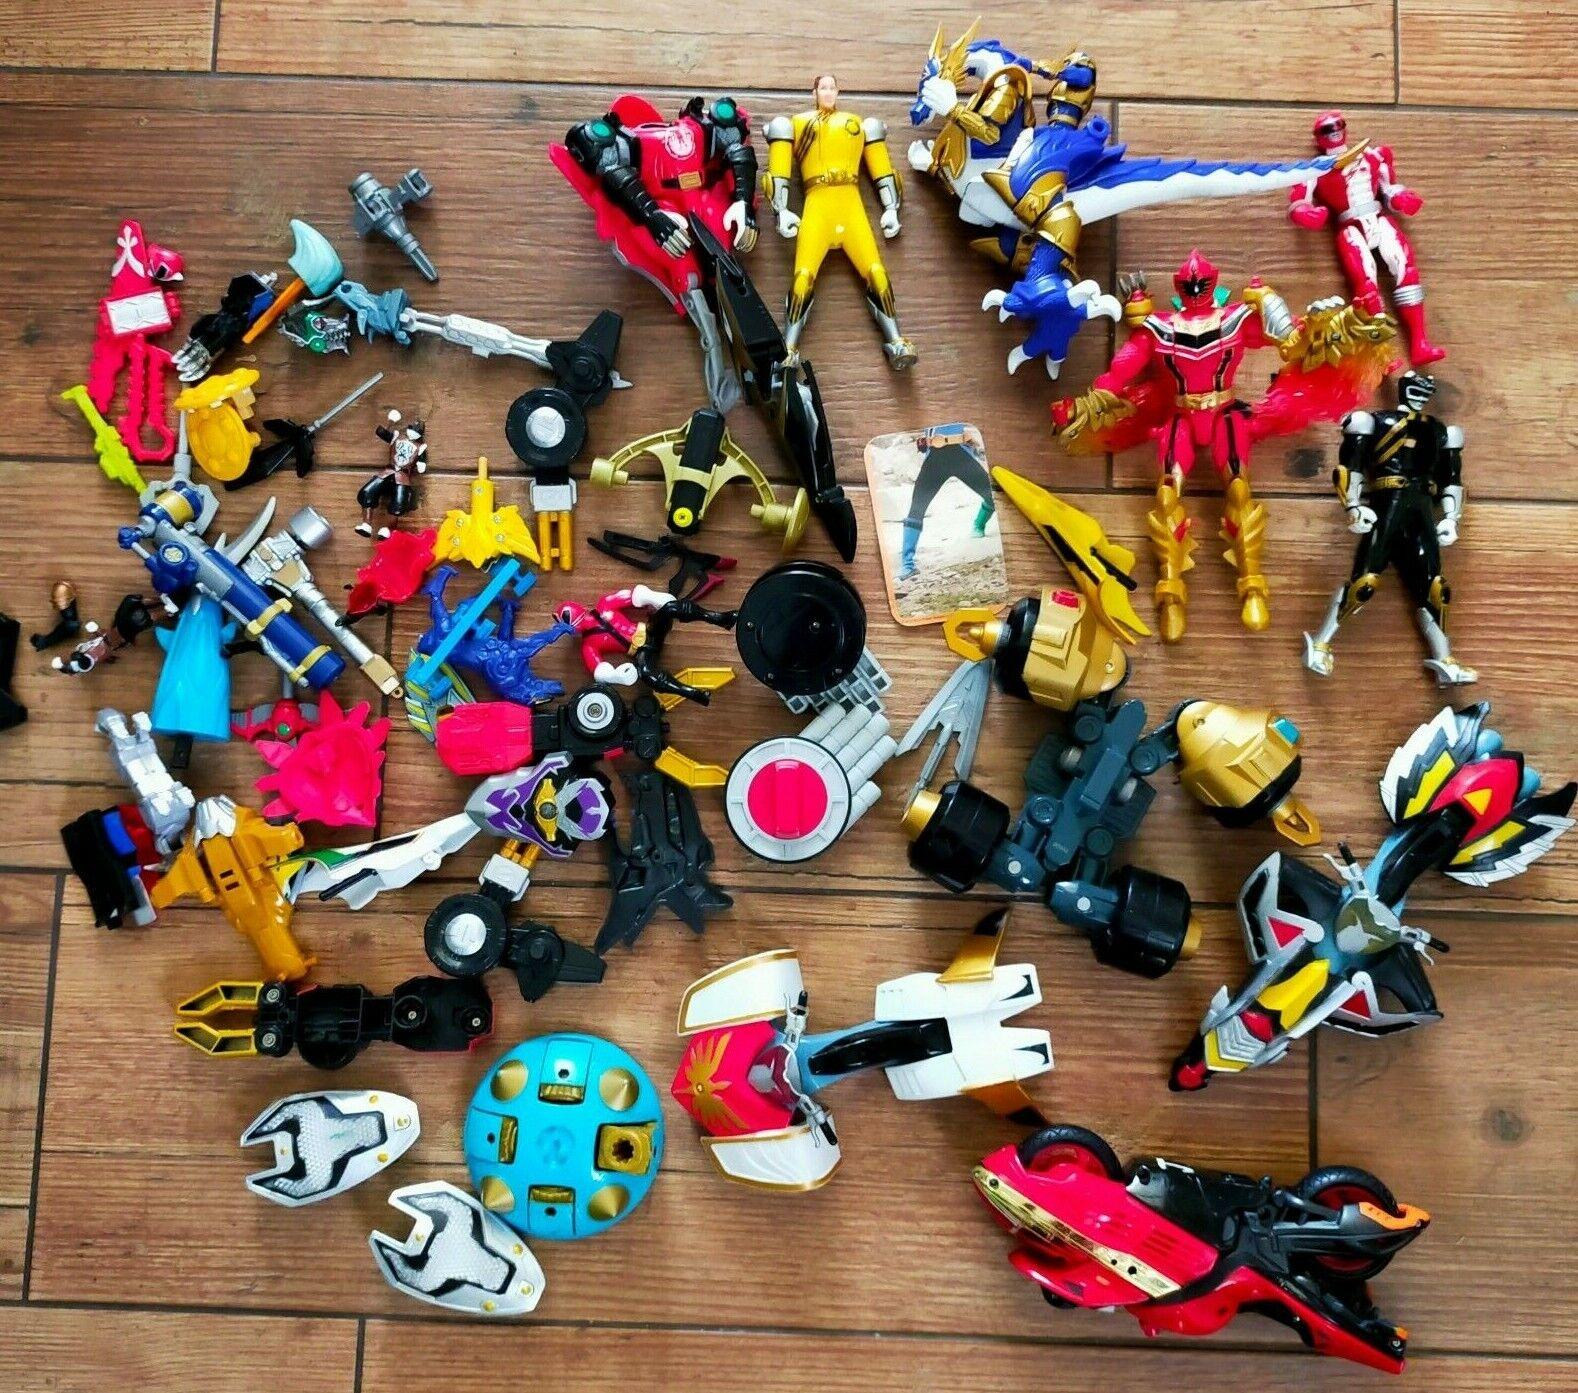 2.2KG Power Rangers Figures Parts Bundle